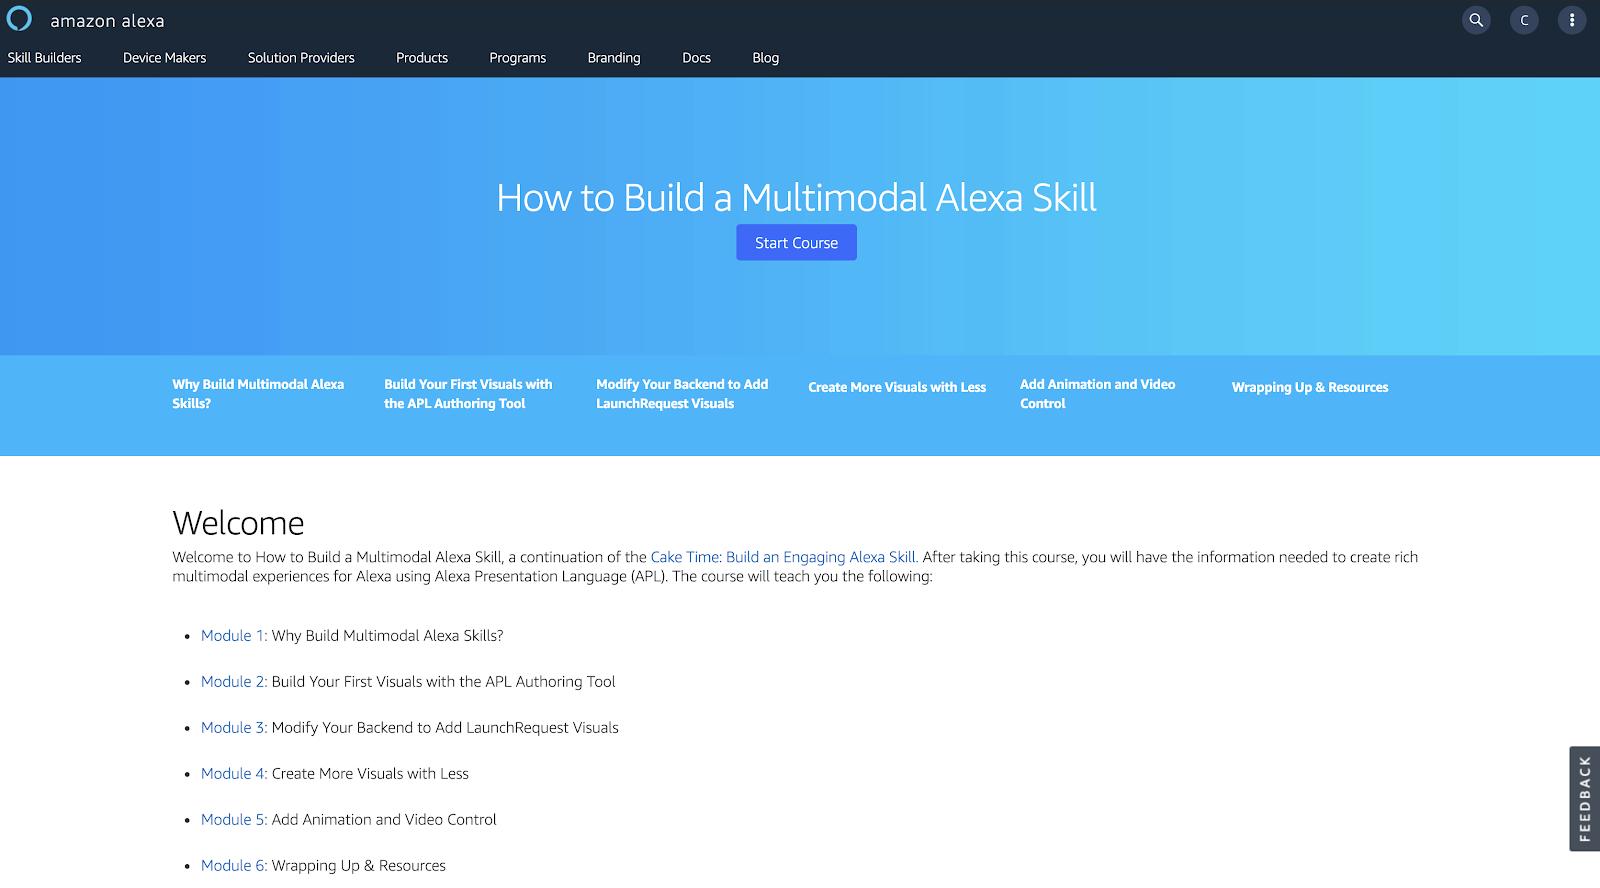 Amazon Alexa Documentation: How to Build a Multimodal Alexa Skill